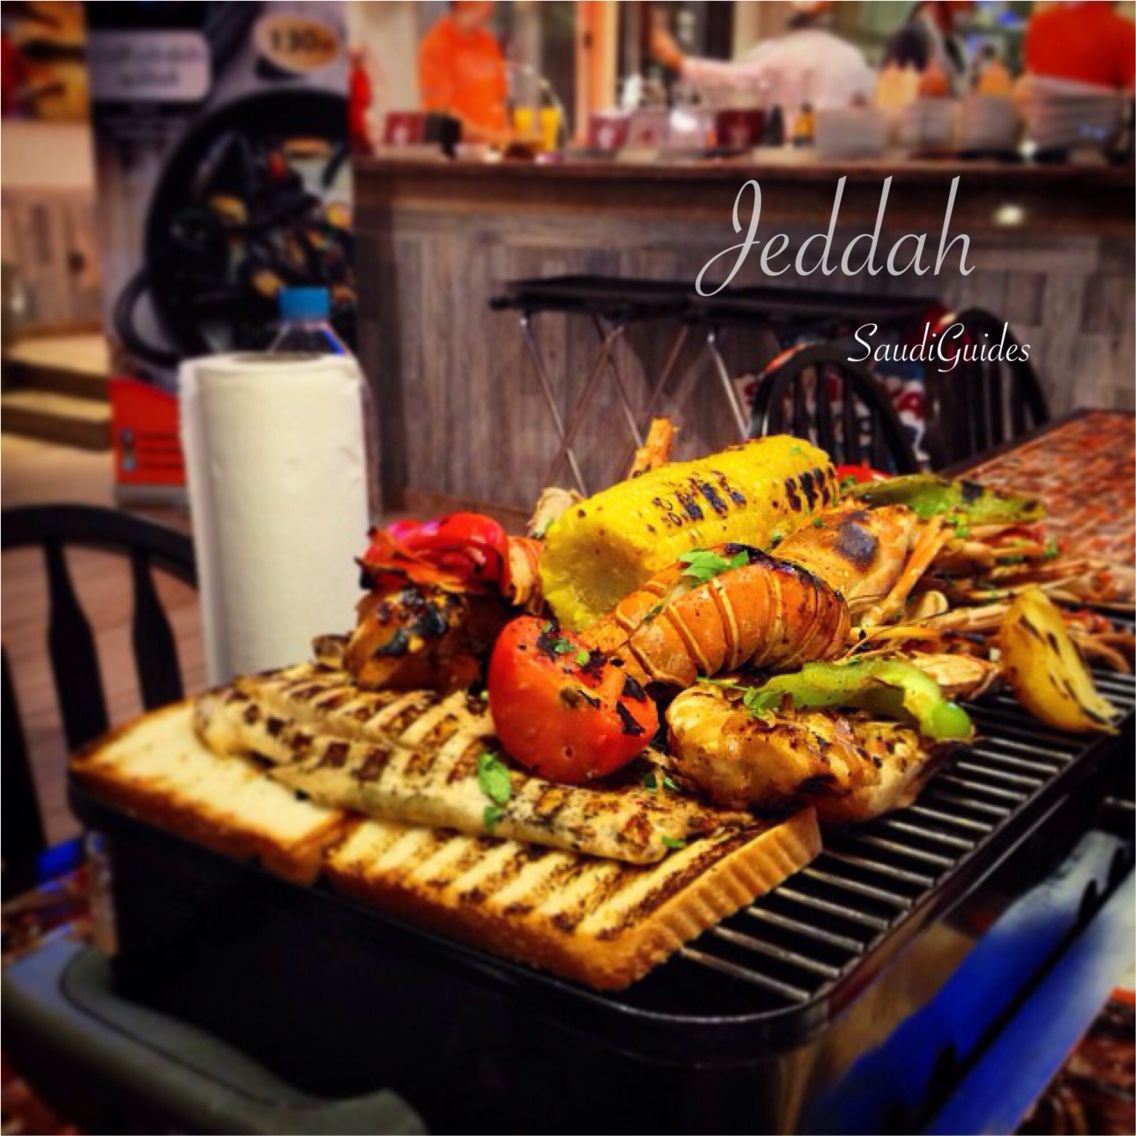 كيفكم مع العيد مأكولات بحرية جمبري استاكوزا كراب أسماك على الشواية من مطعم صيادية كراب هاوس شارع صاري جدة تصوير Food Film Noir Photography Breakfast